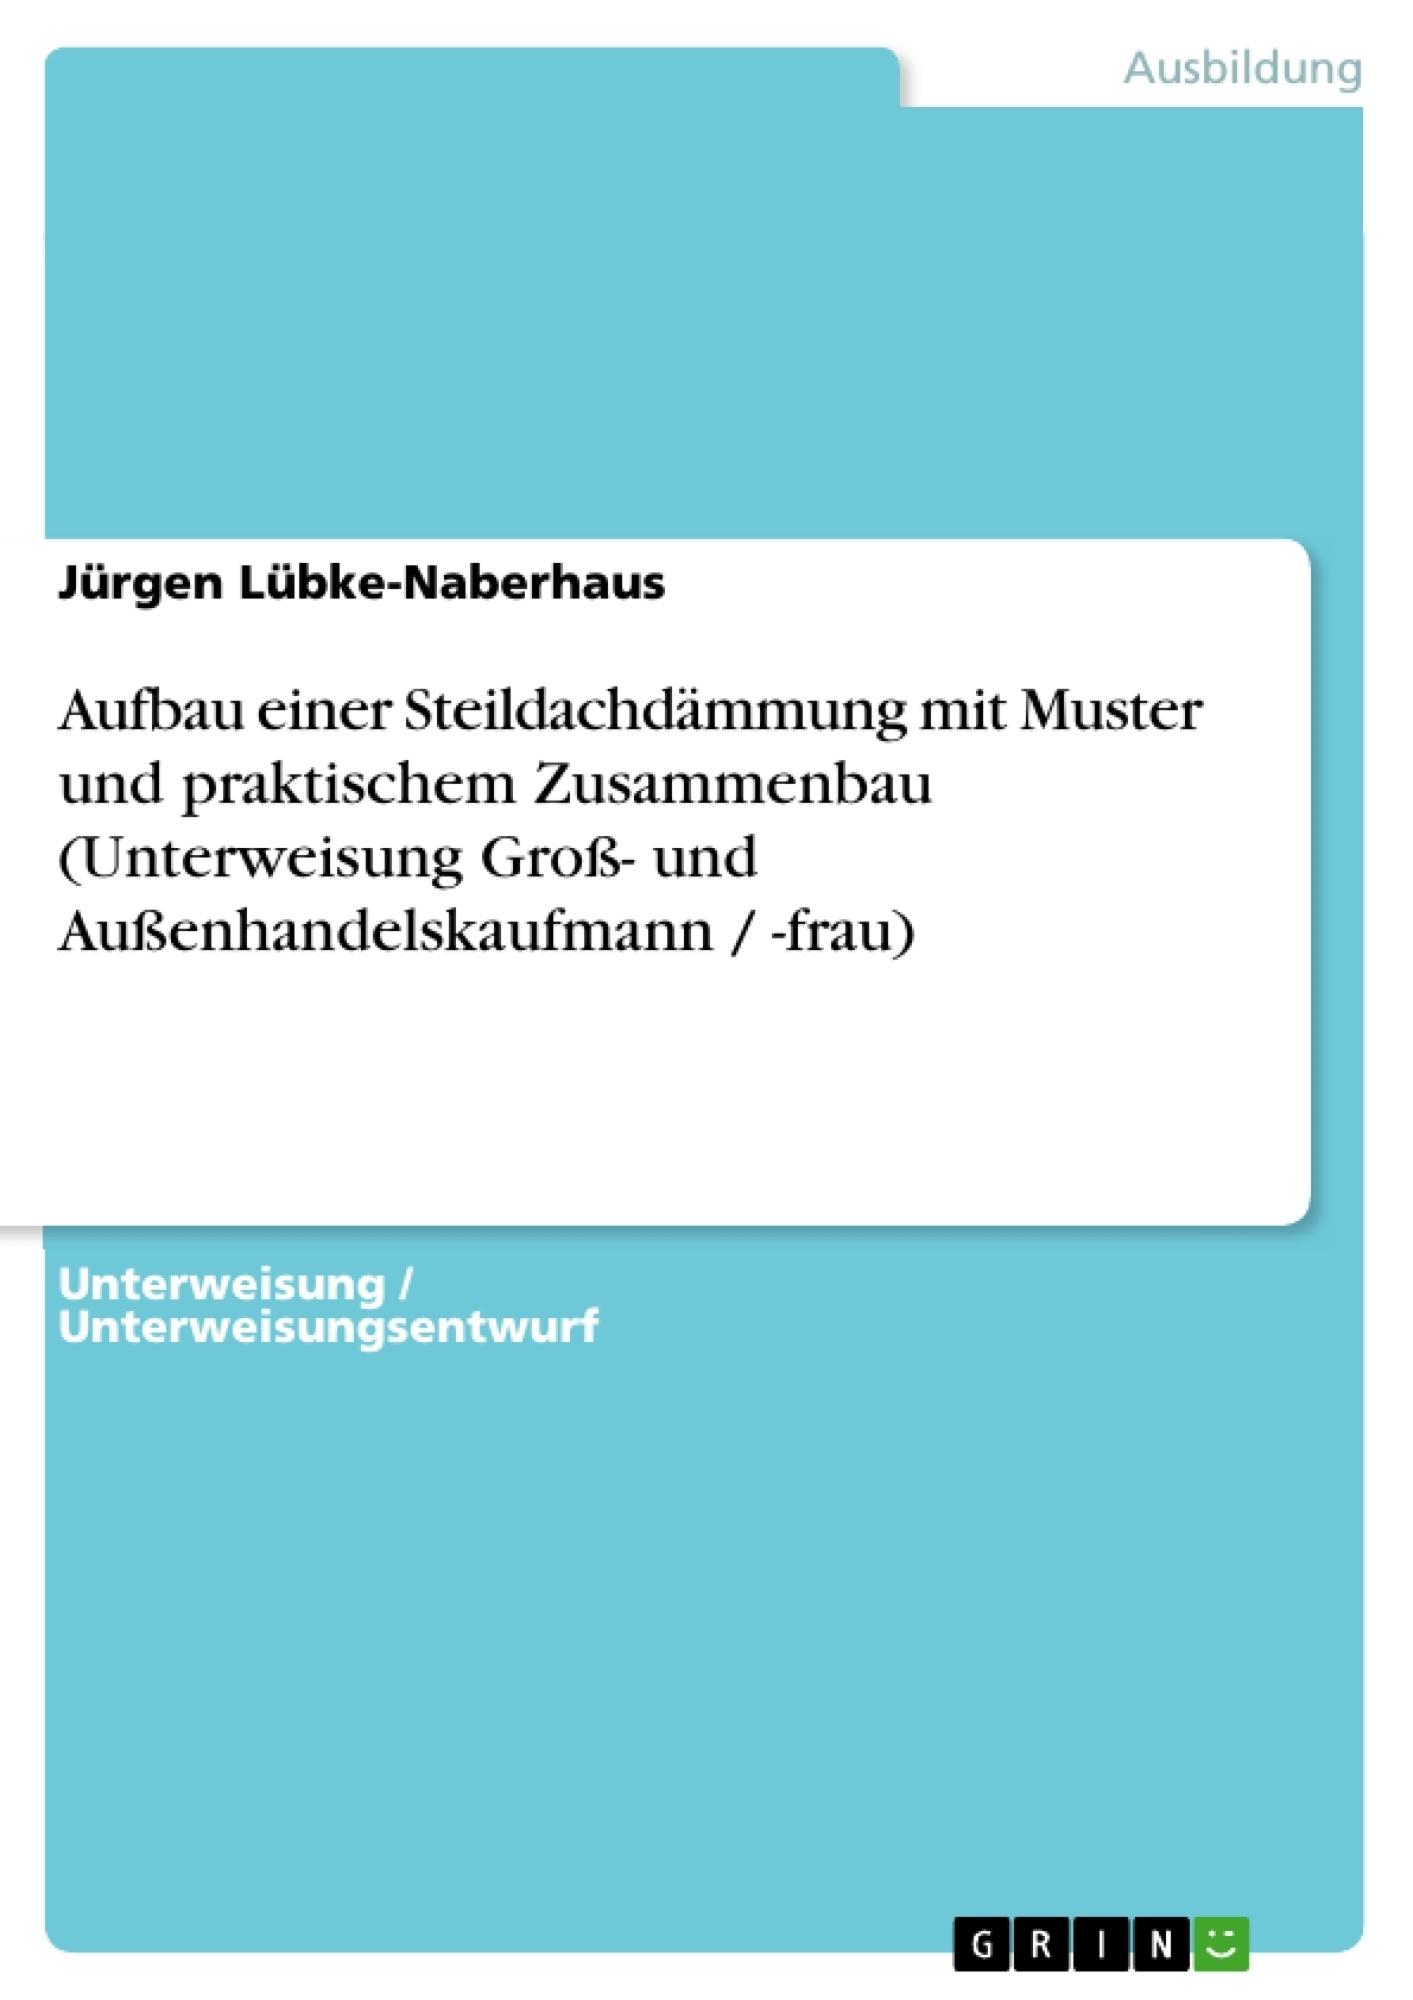 Titel: Aufbau einer Steildachdämmung mit Muster und praktischem Zusammenbau (Unterweisung Groß- und Außenhandelskaufmann / -frau)